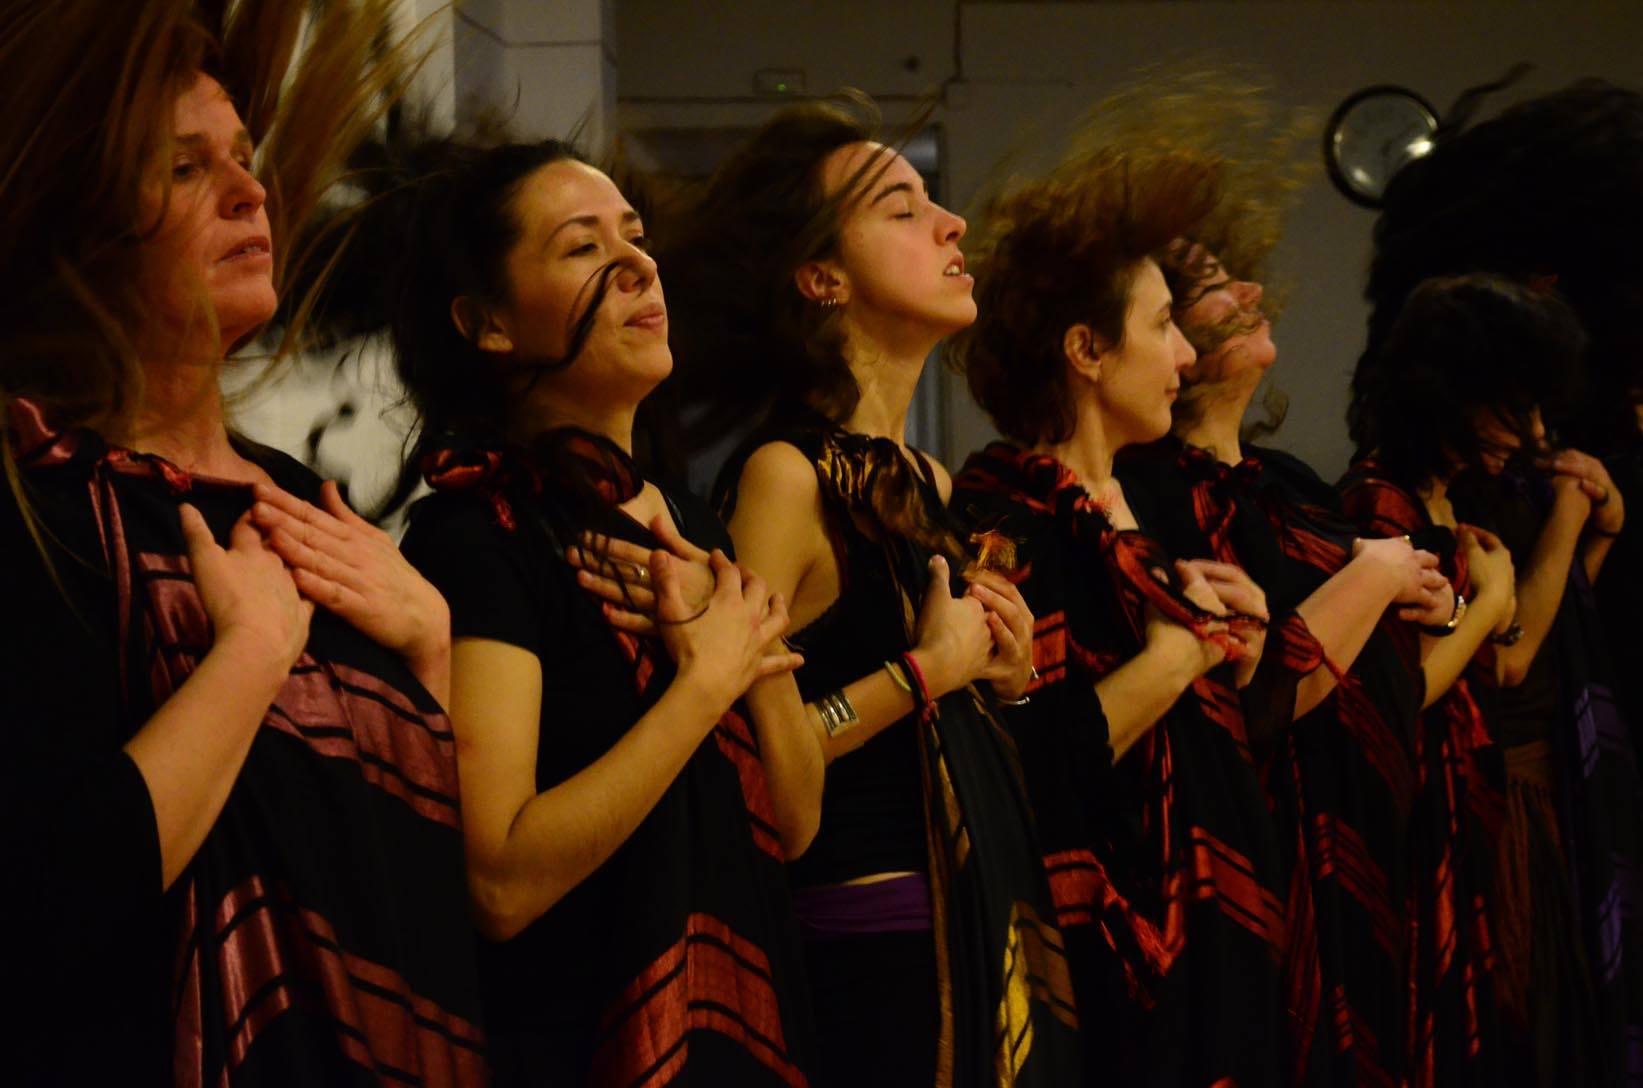 Recherche sur les danses traditionnelles